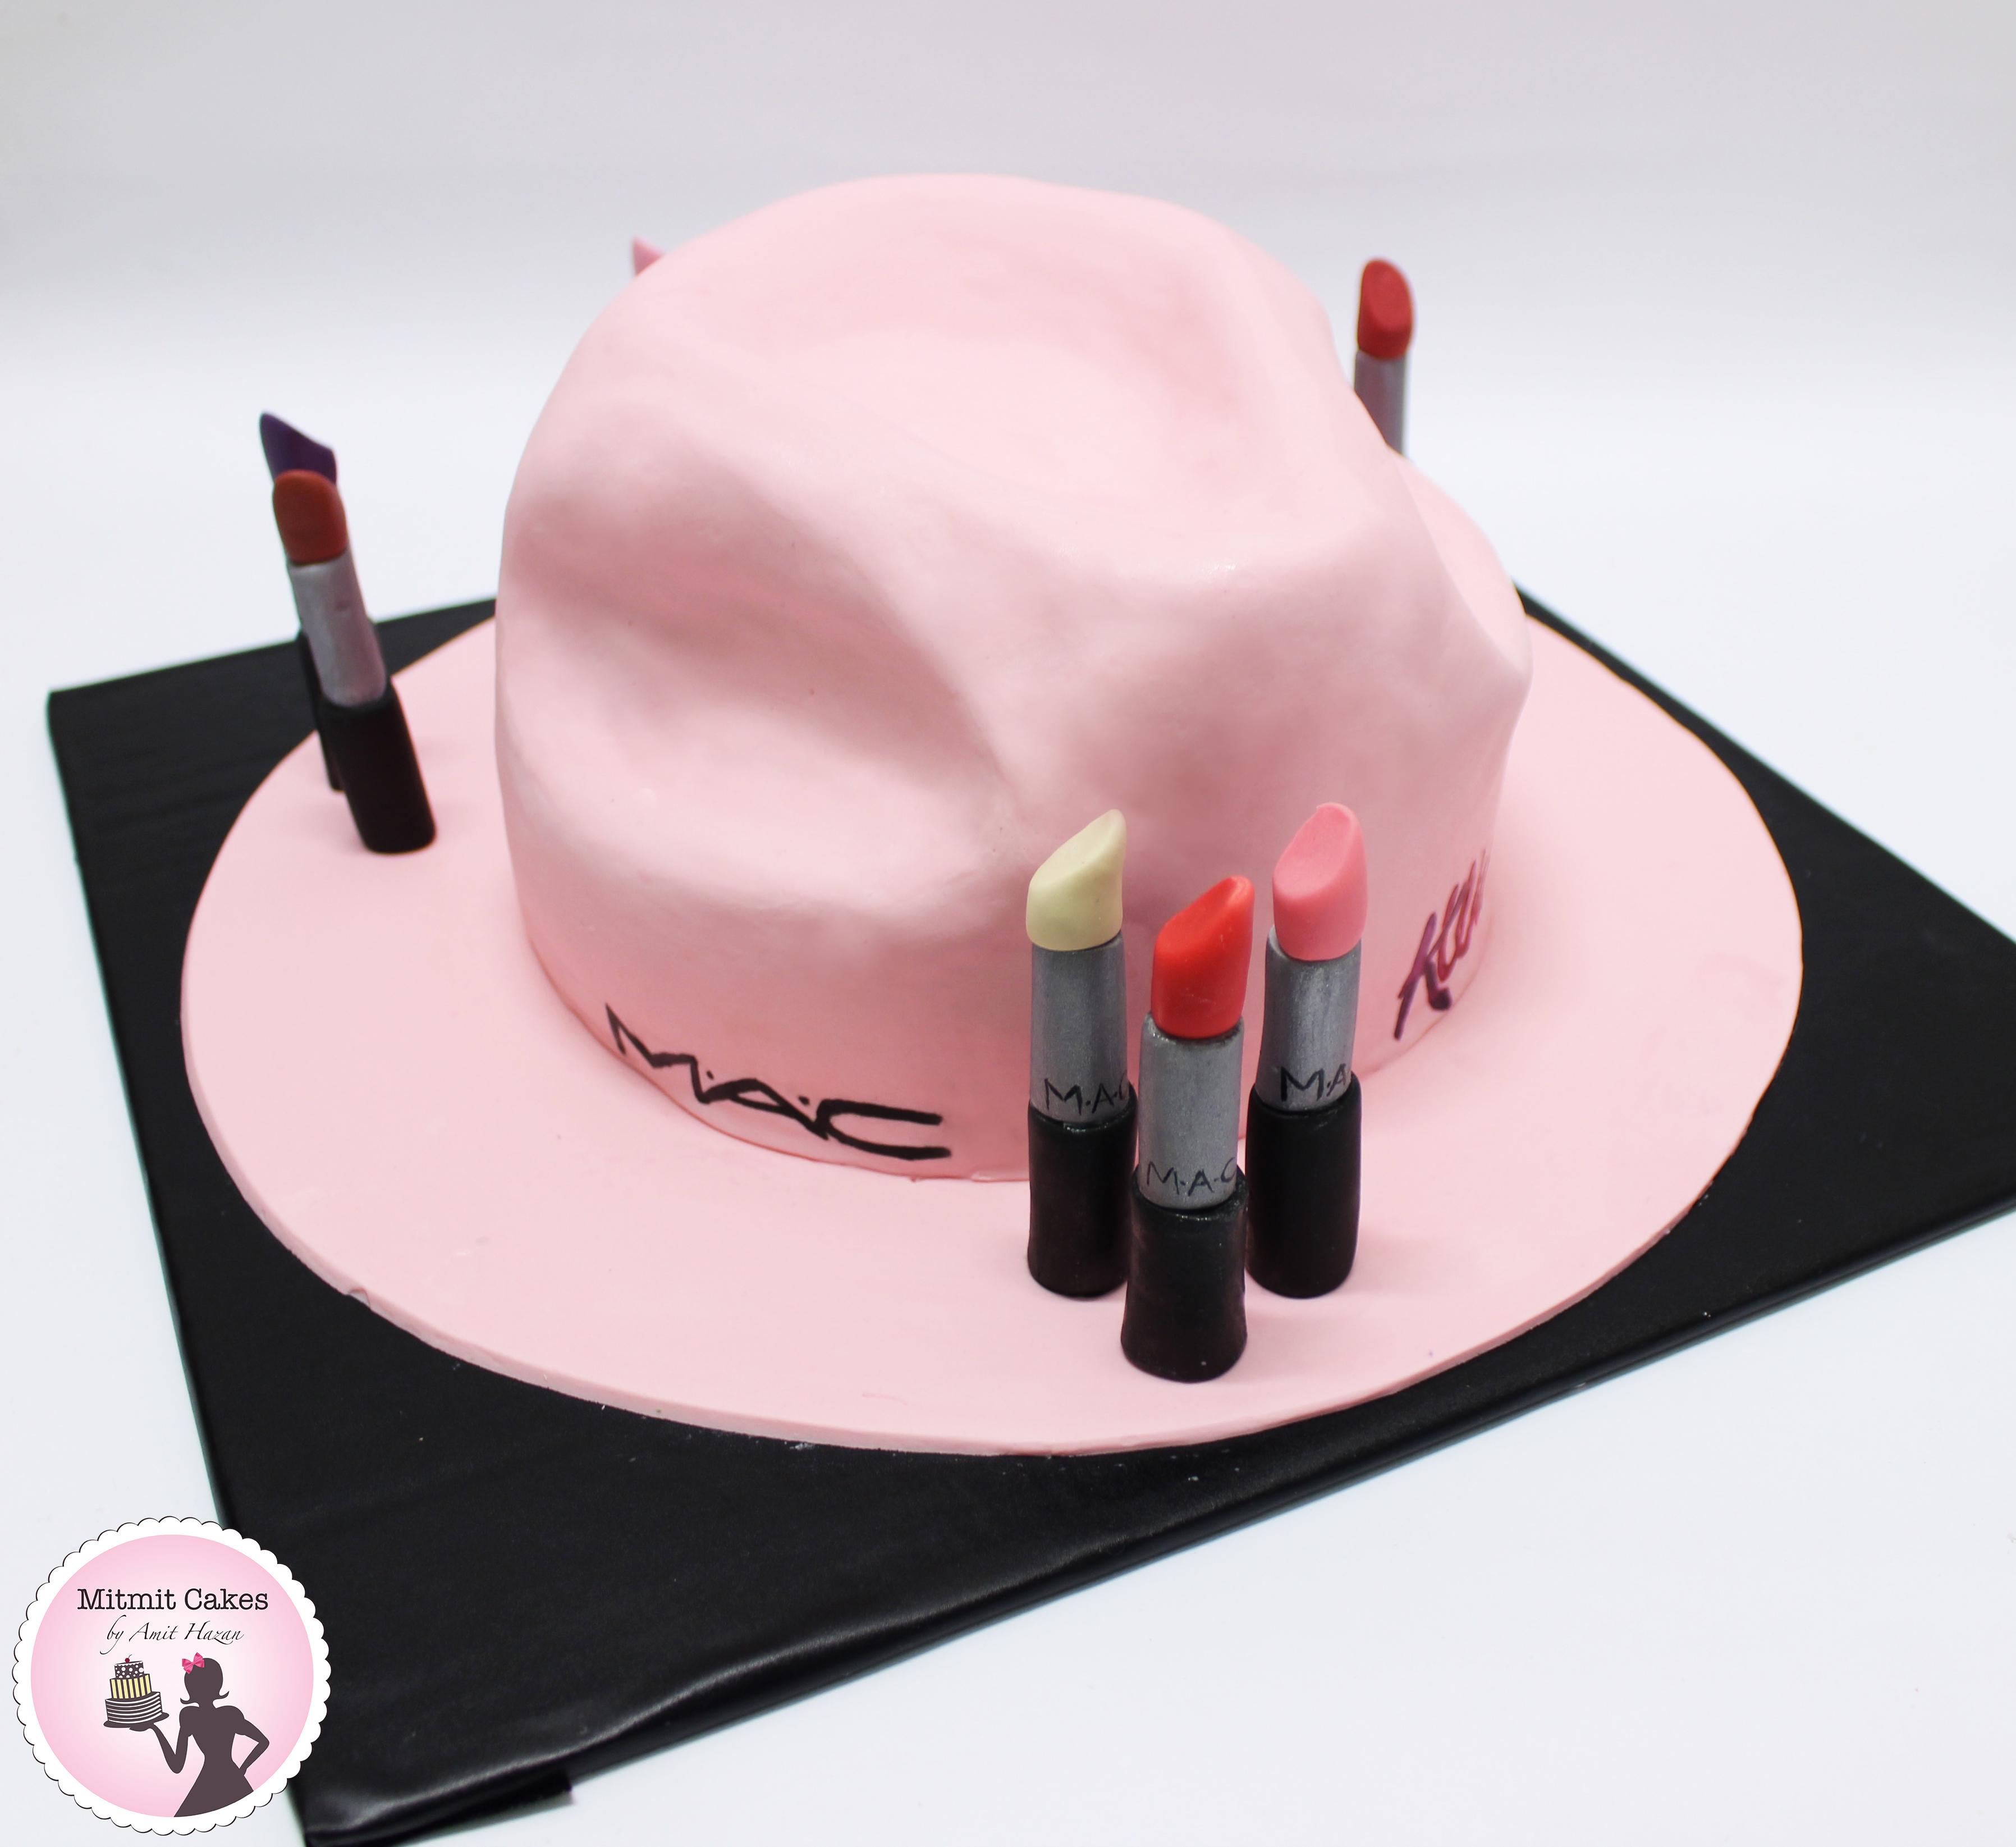 עוגה בצורת כובע